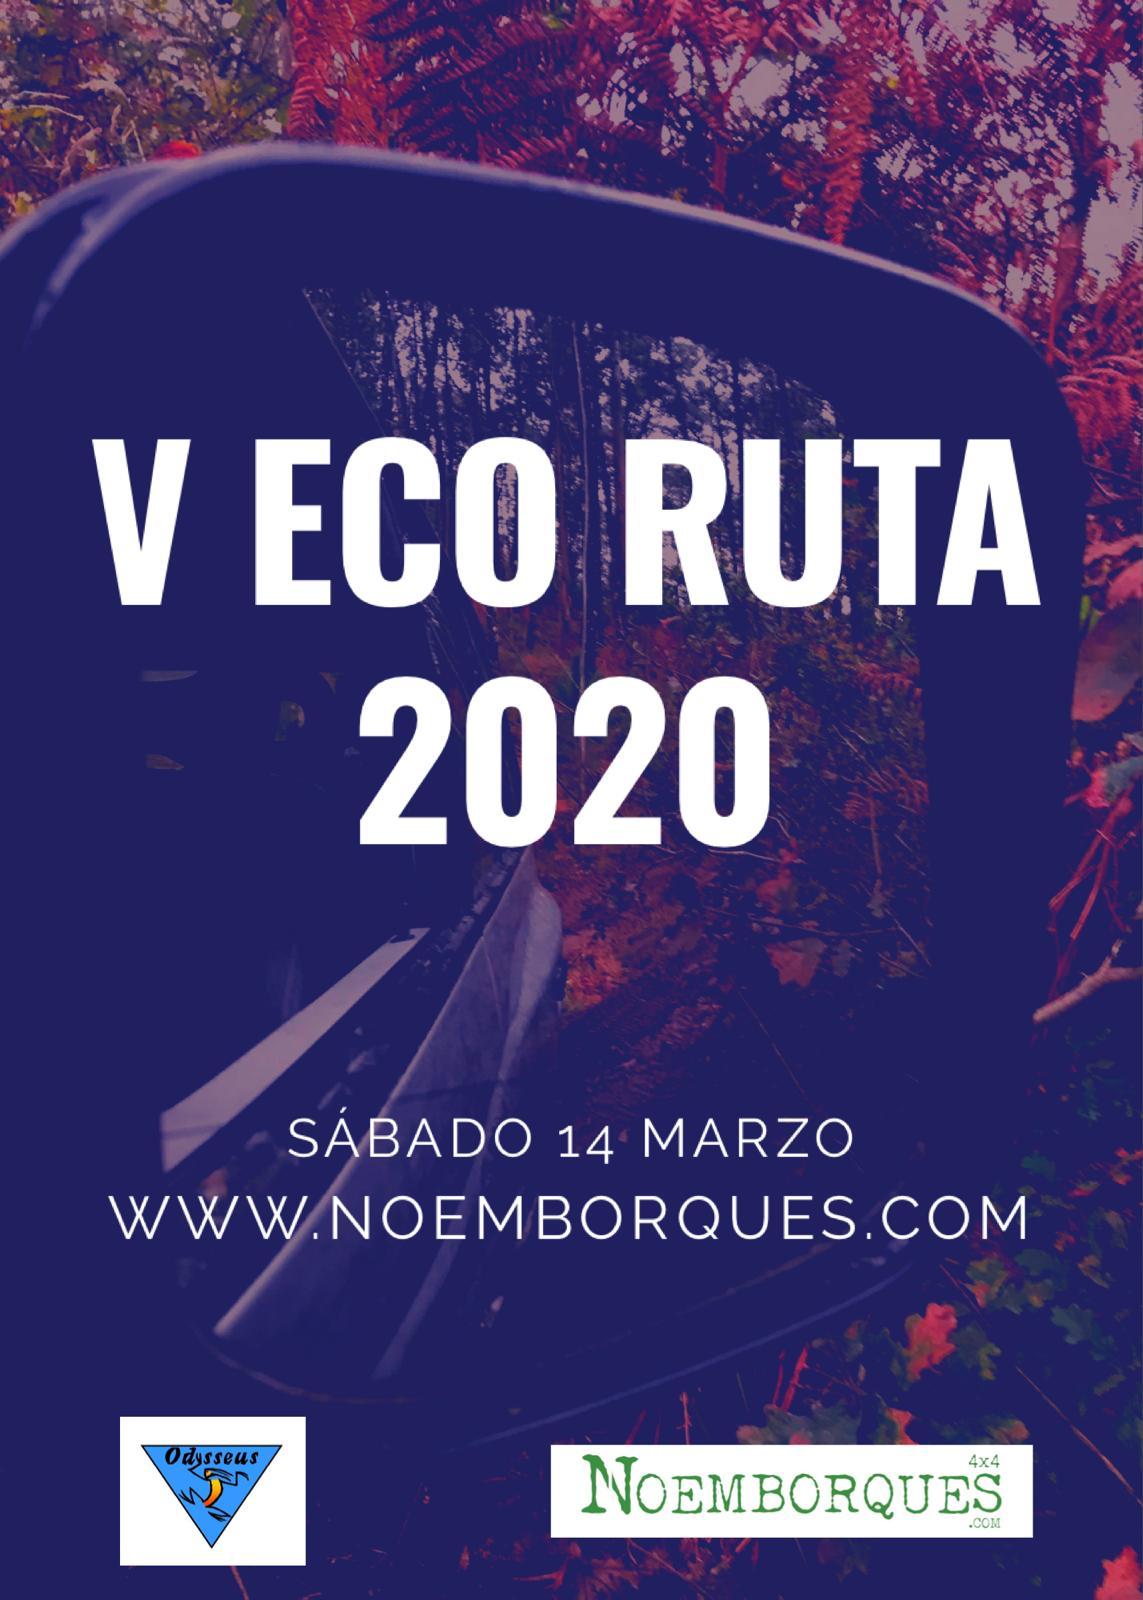 ECO RUTA 2020